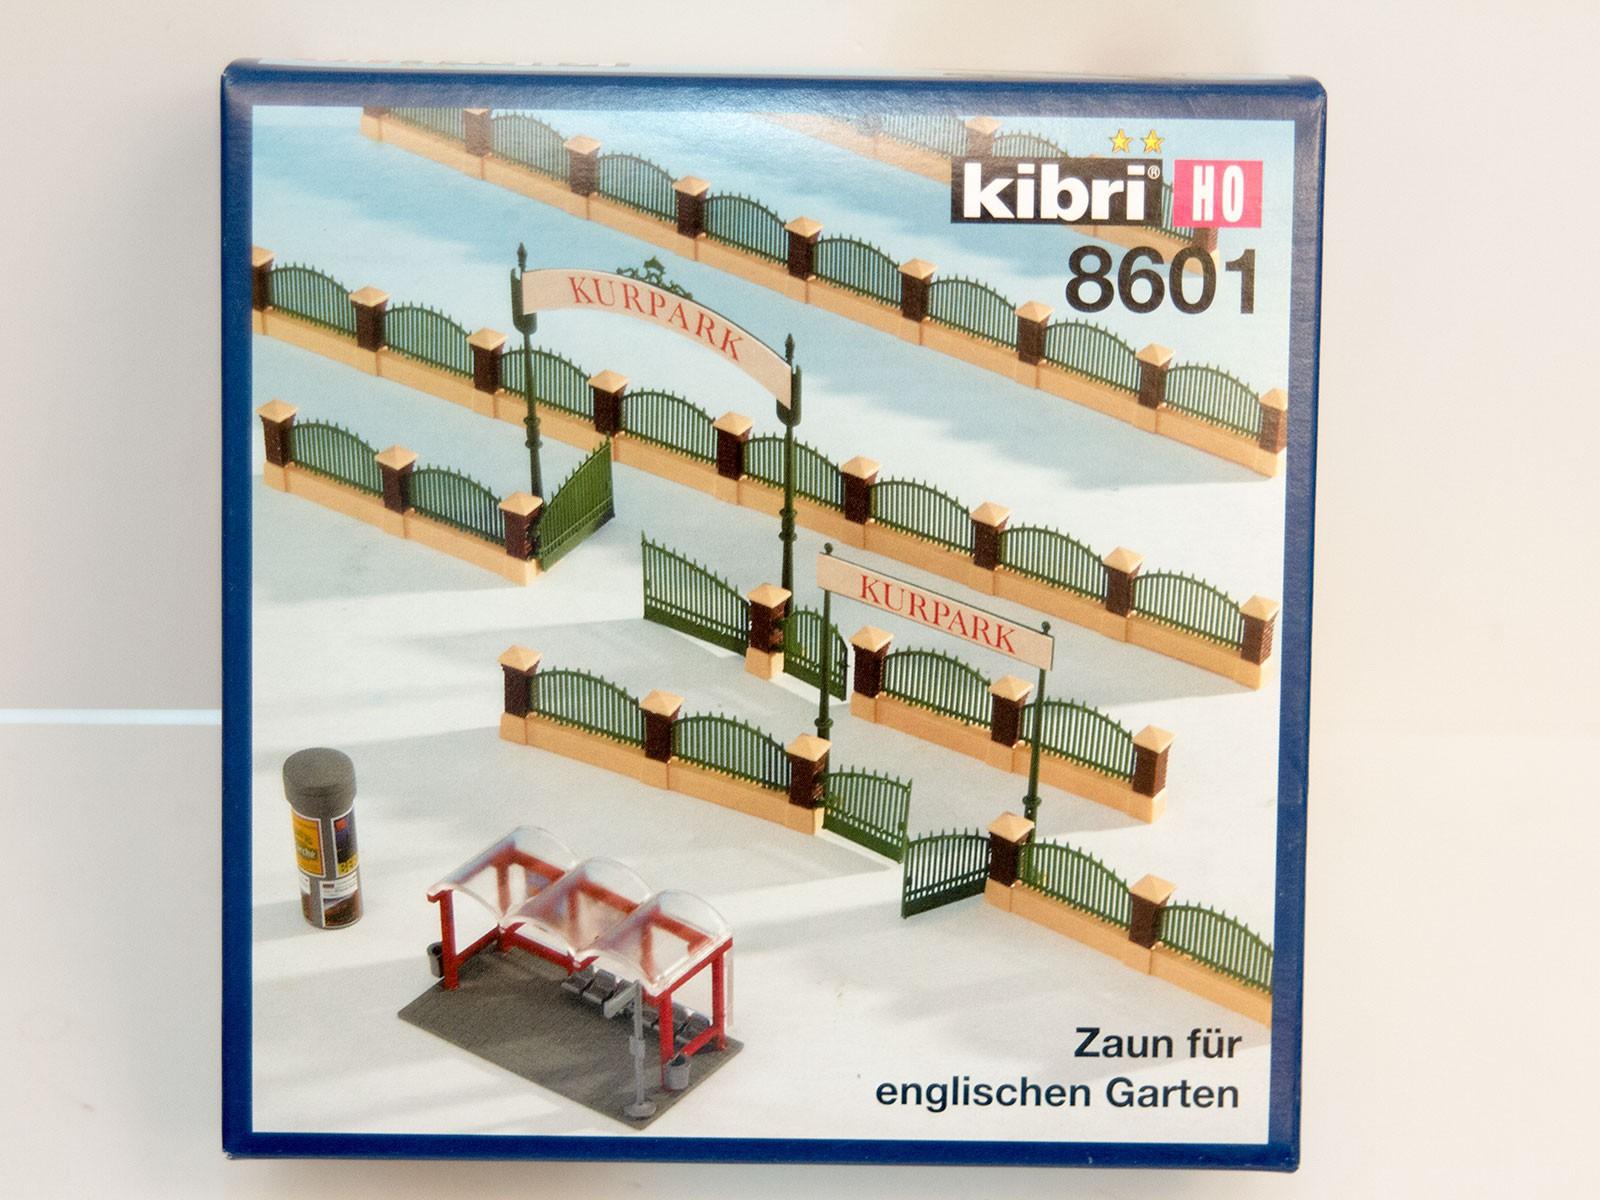 Kibri 8601 Zaun für Englischen Garten